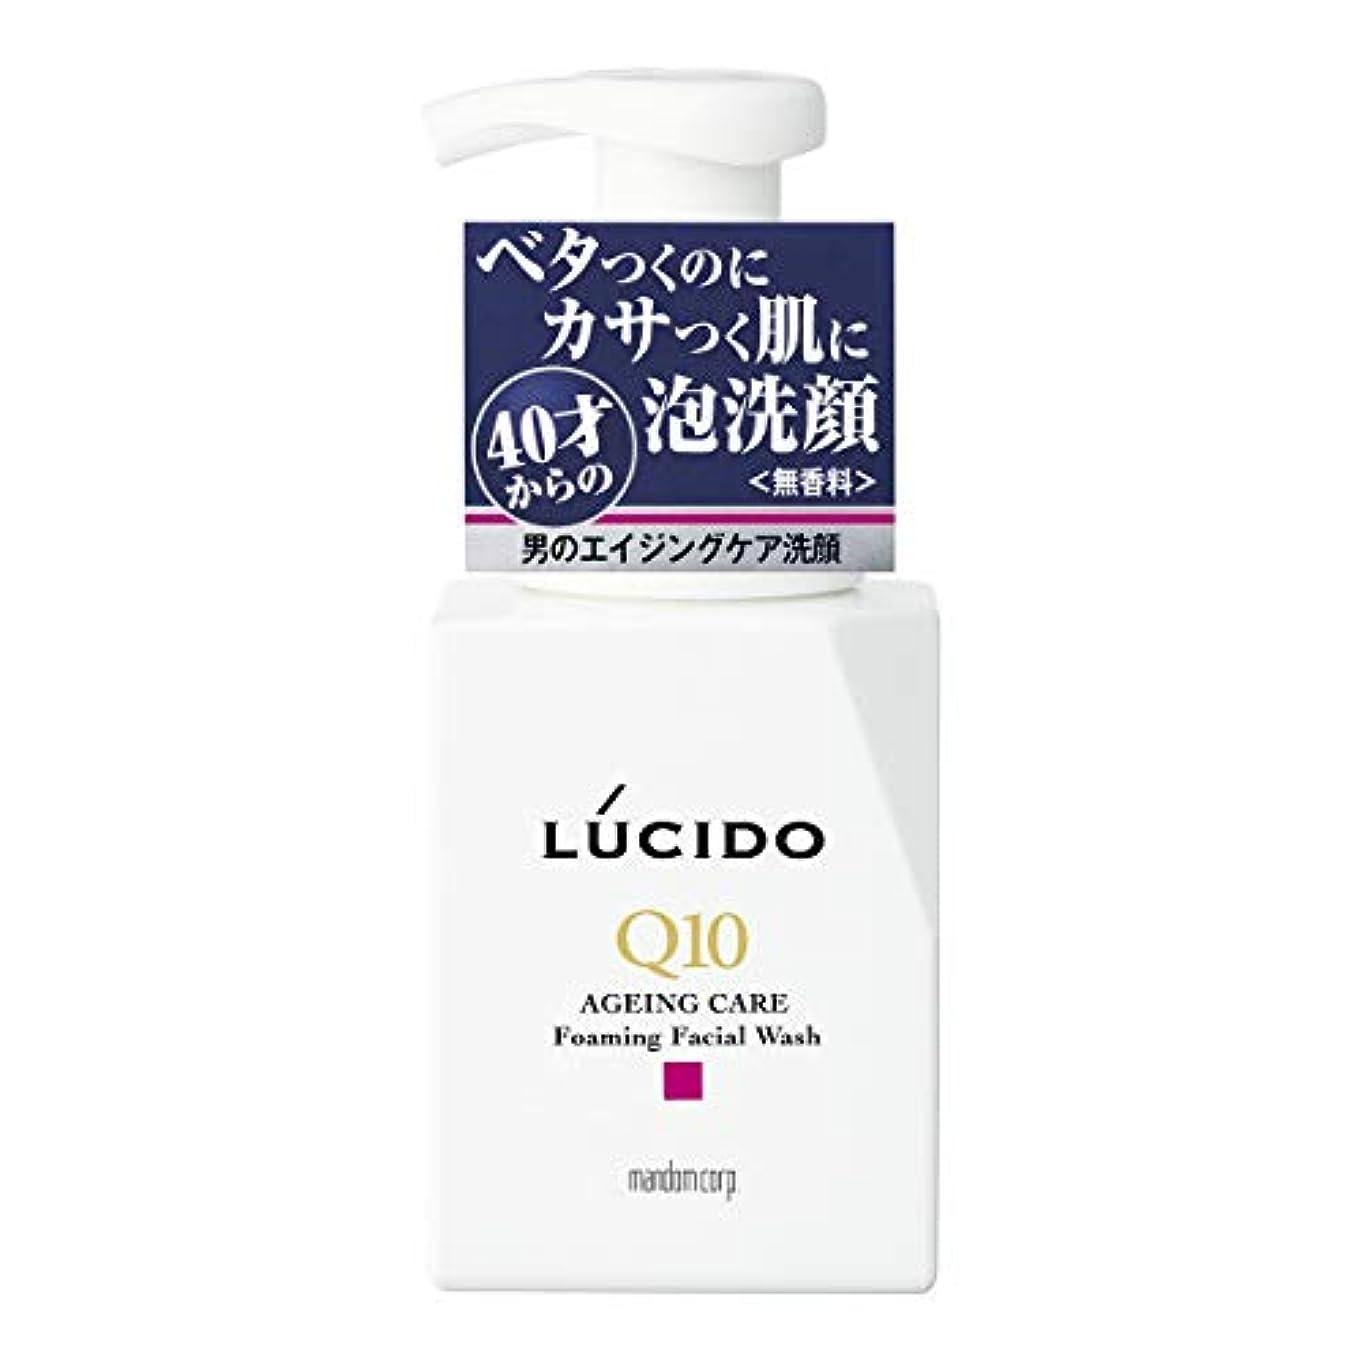 LUCIDO(ルシード) トータルケア泡洗顔 Q10 150mL